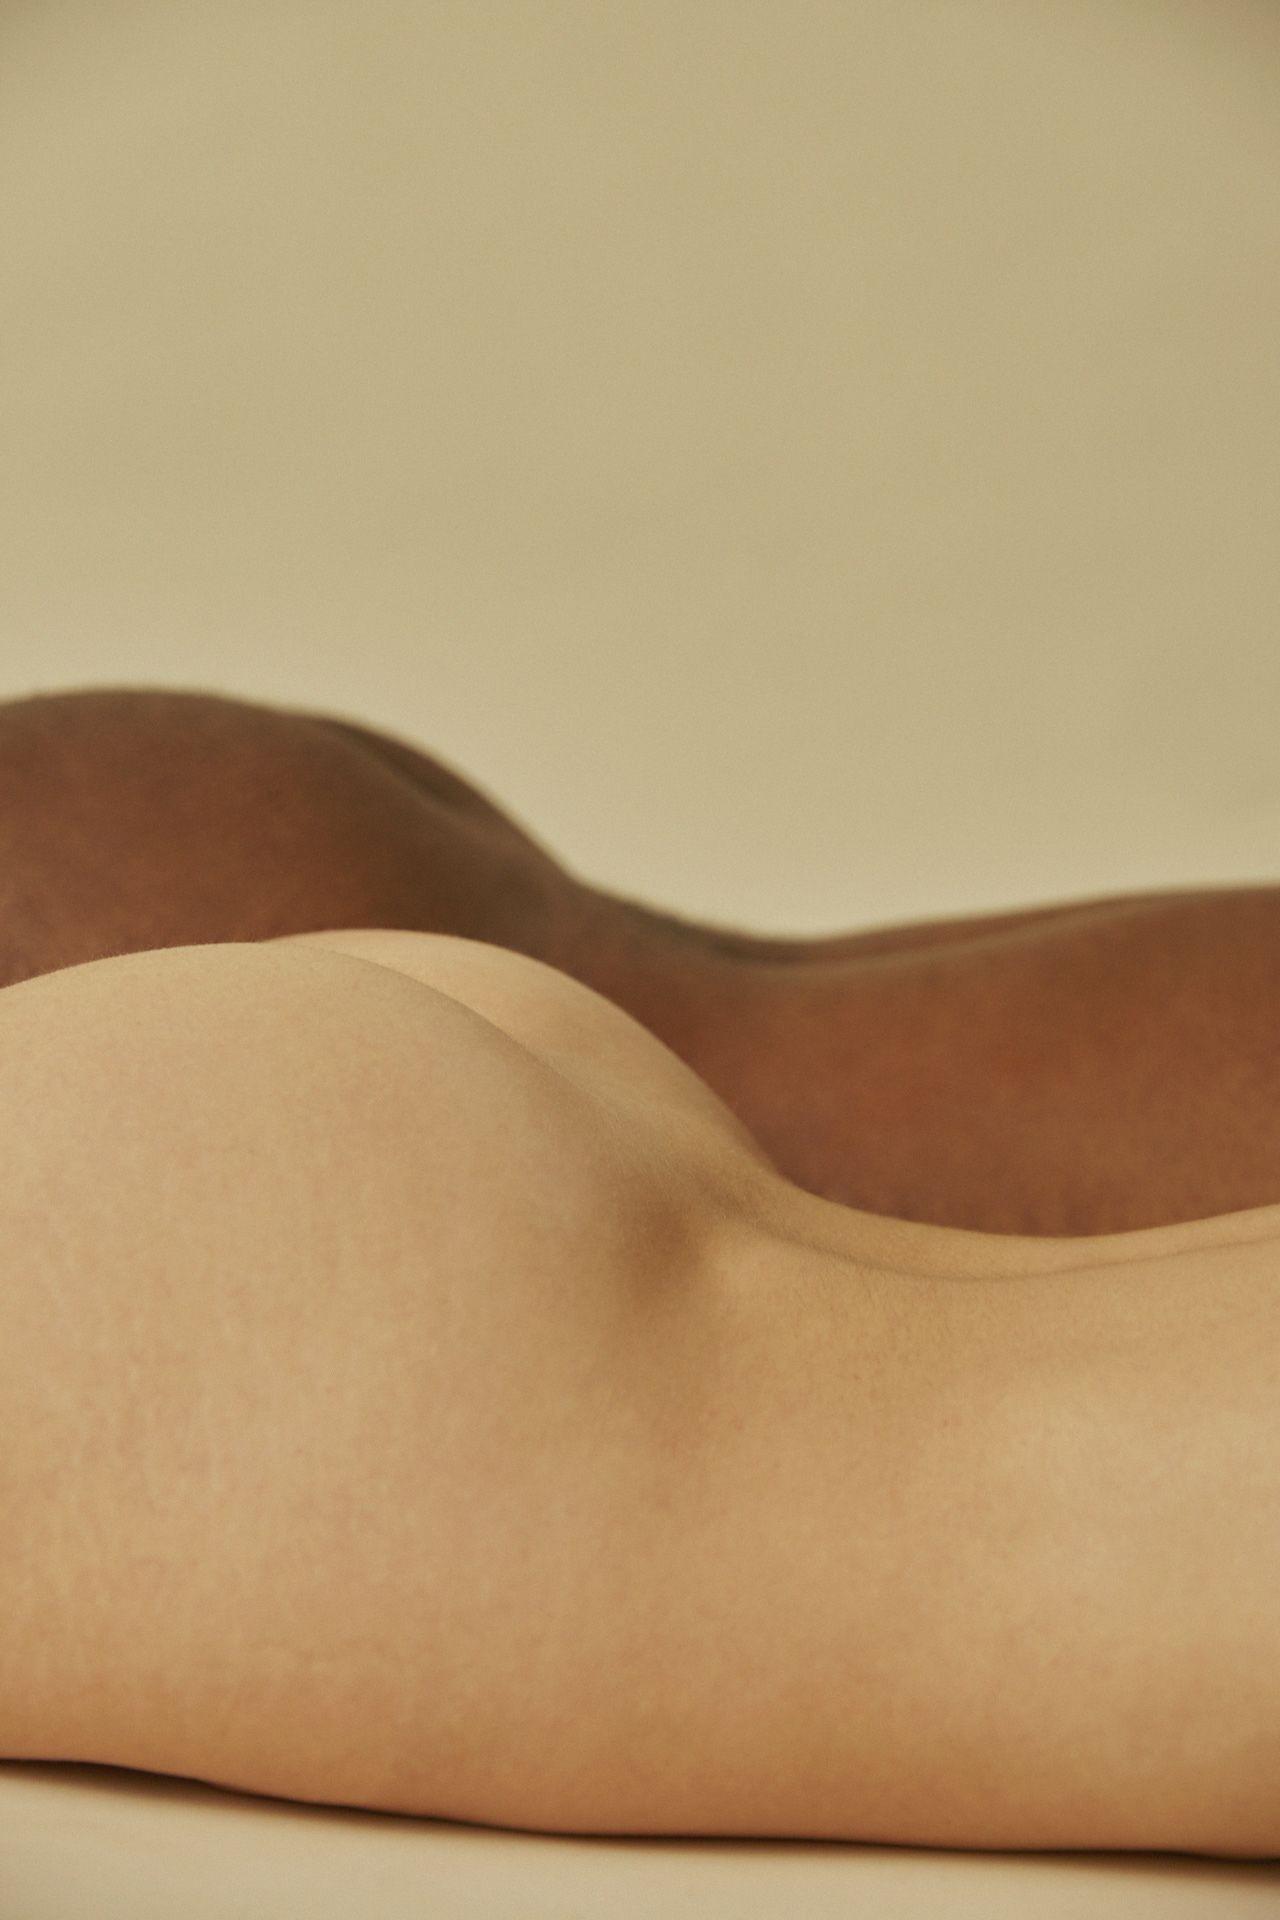 Deux corps côte à côte allongés sur le ventre, on ne voit que le bas du dos et les fesses.